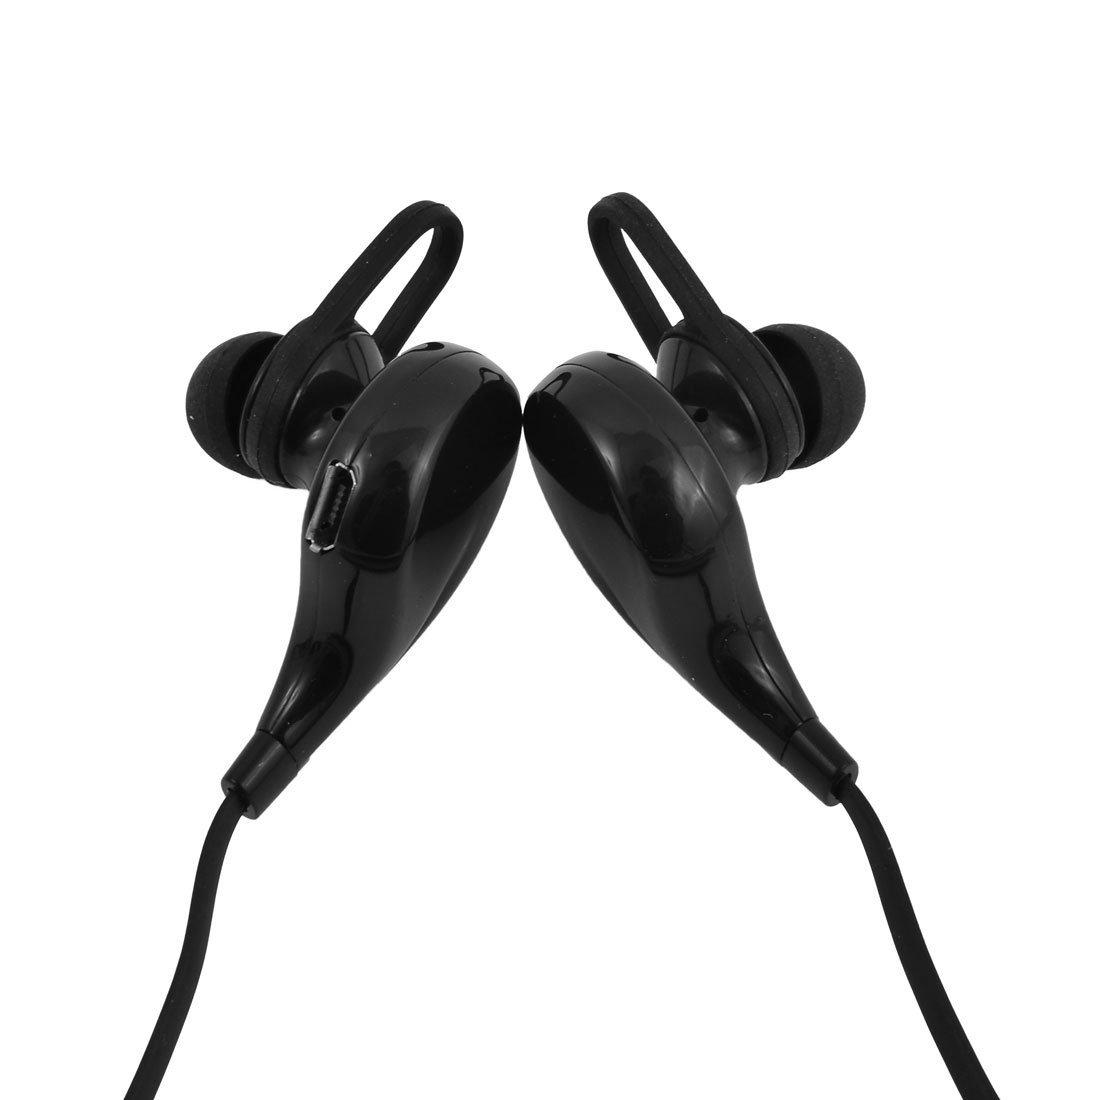 Amazon.com: eDealMax telefónicas Llamadas Manos libres Con cancelación de ruido auriculares Bluetooth Headset Negro w Cable USB: Electronics